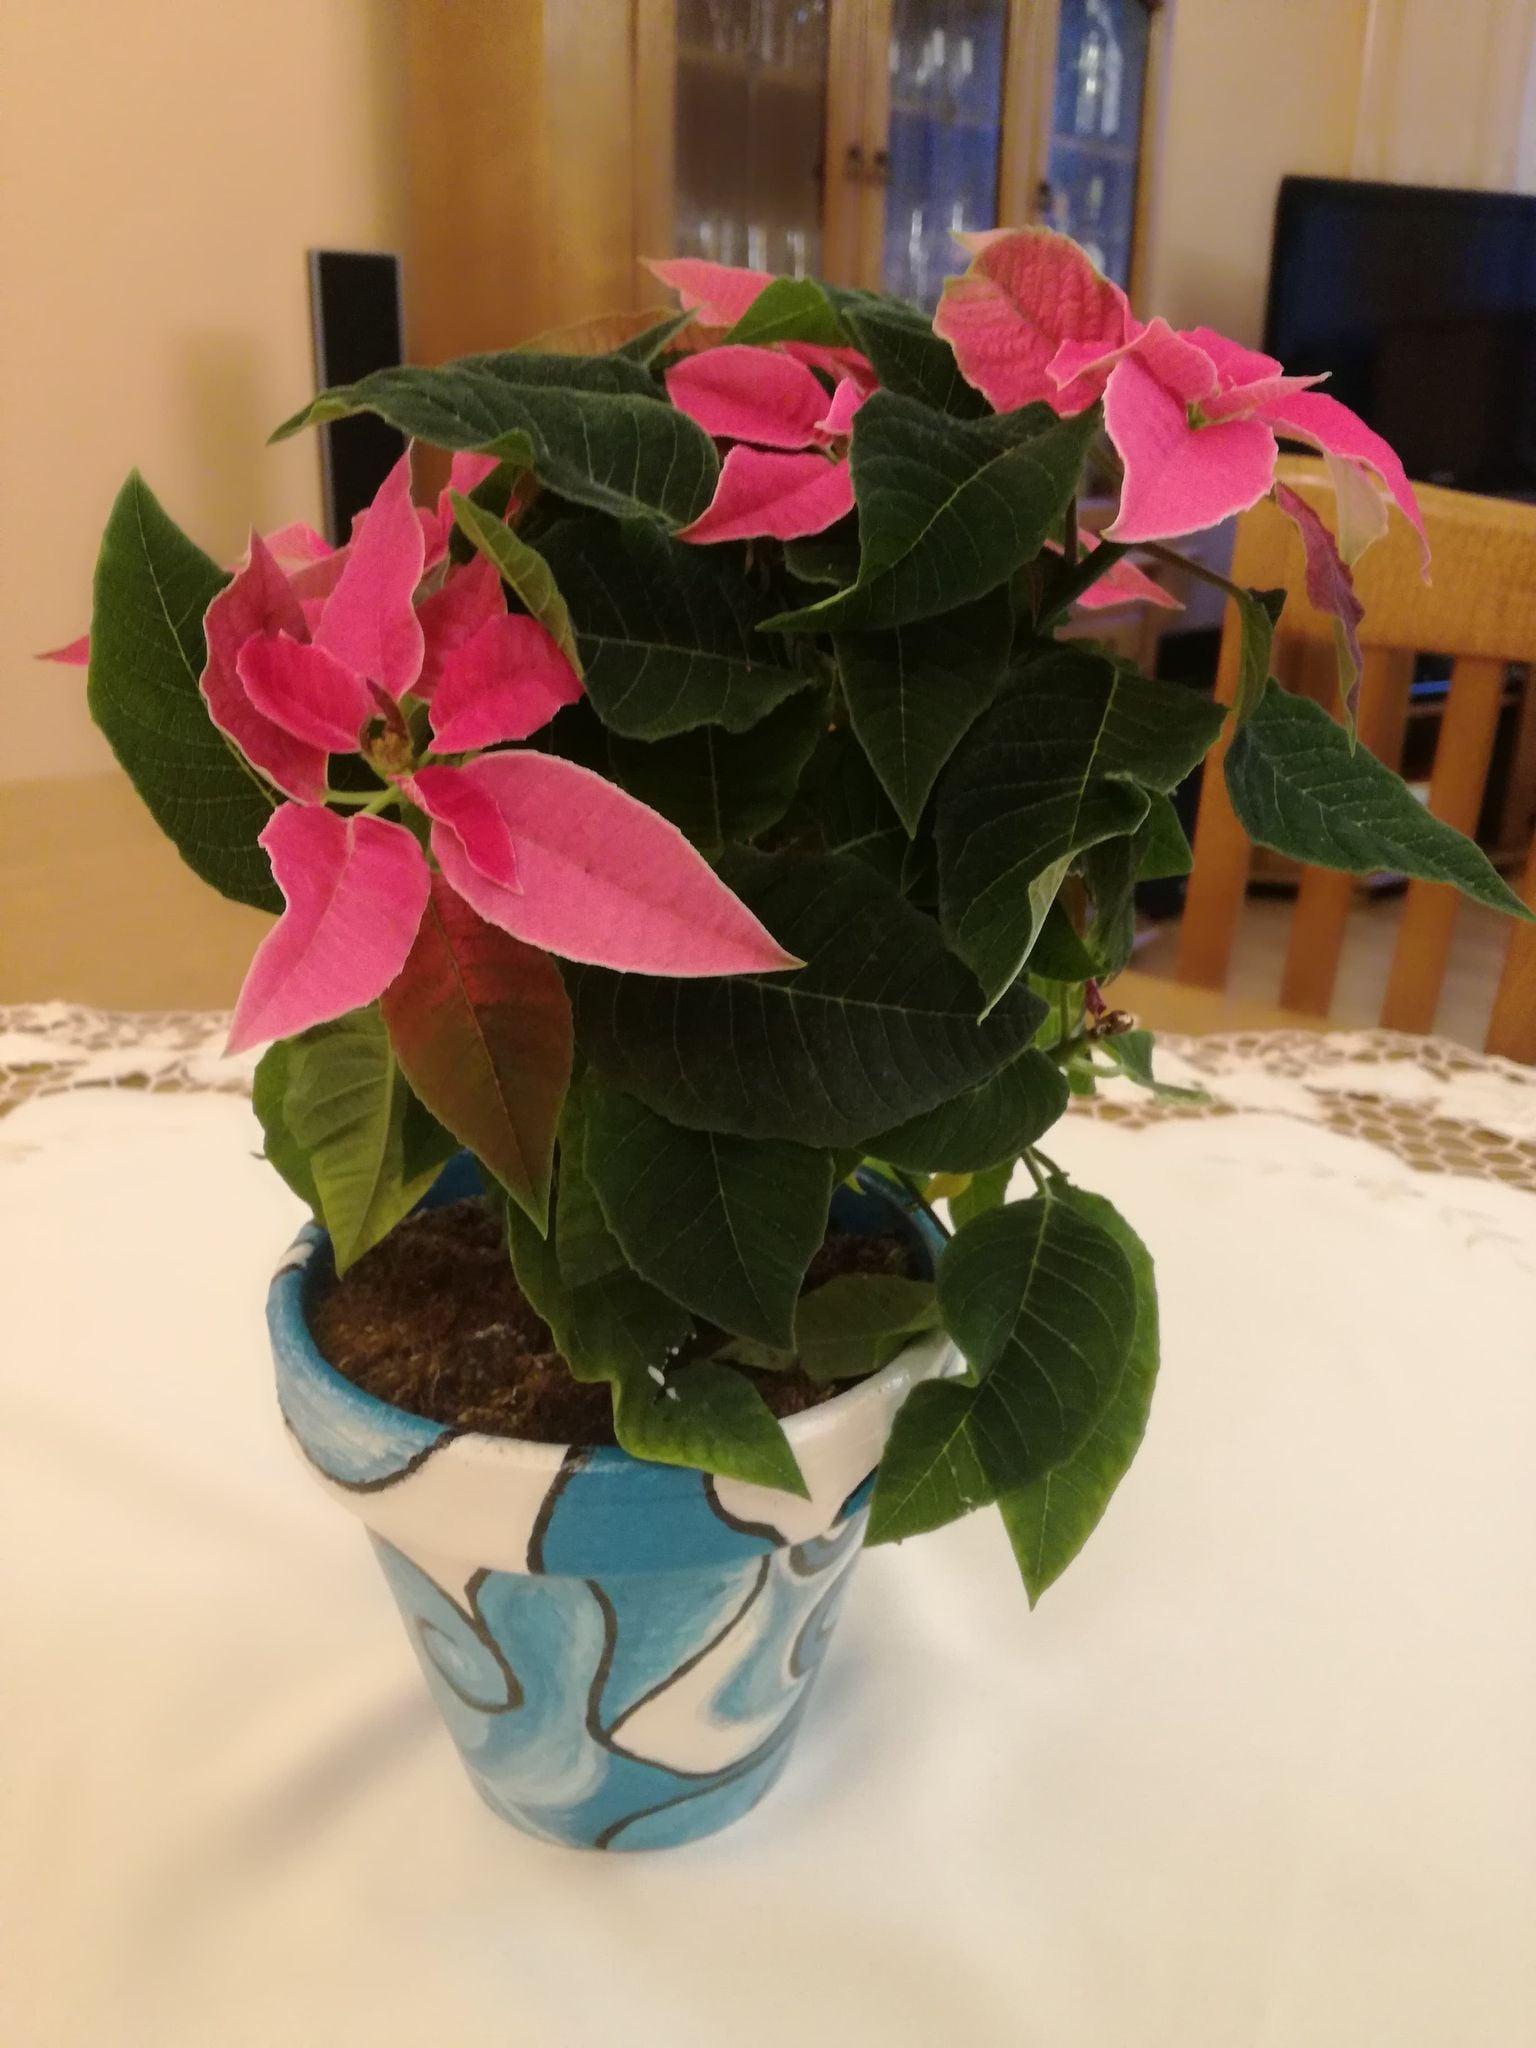 doniczka z kwiatem, gwiazda betlejemska